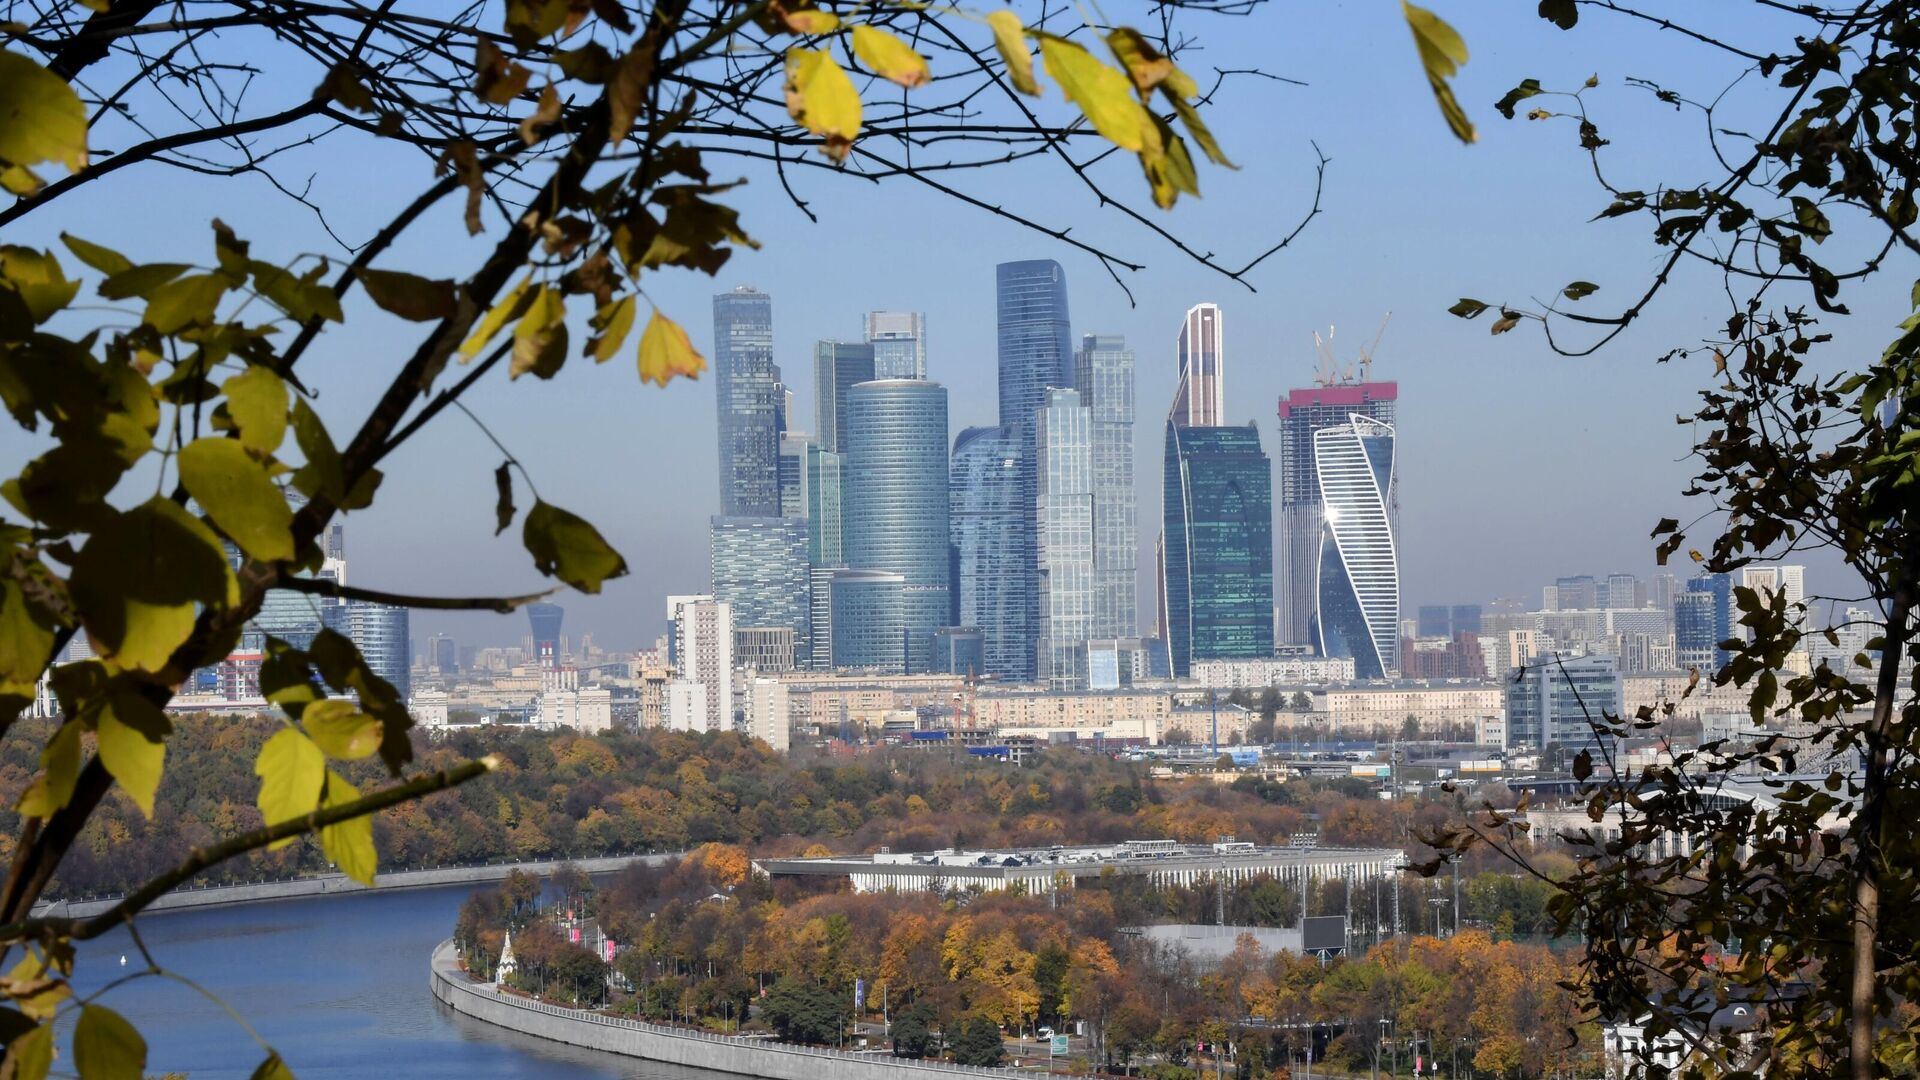 Московский международный деловой центр Москва-Сити 1